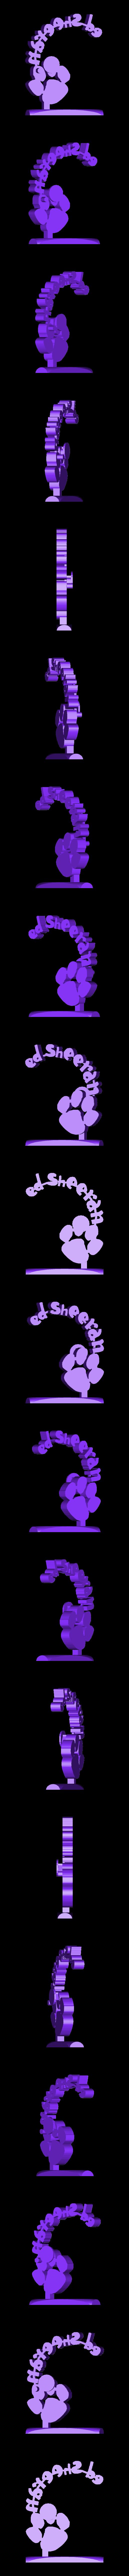 ed_stand.stl Télécharger fichier STL gratuit Ornement Ed Sheeran • Design à imprimer en 3D, CheesmondN